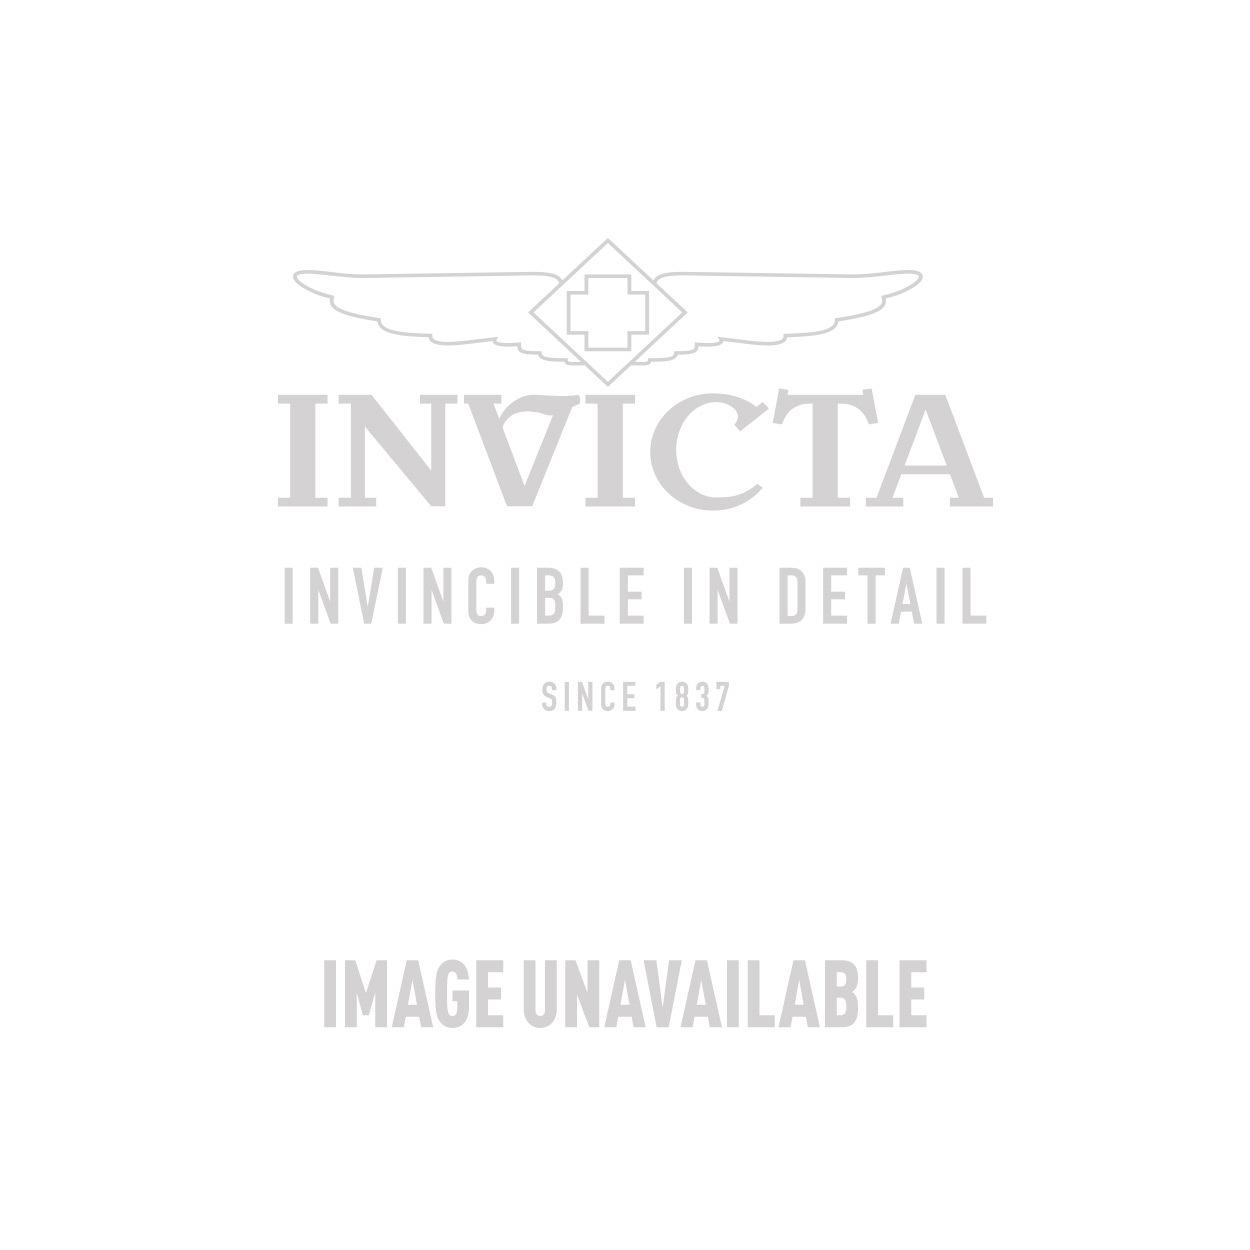 Invicta Model 25349